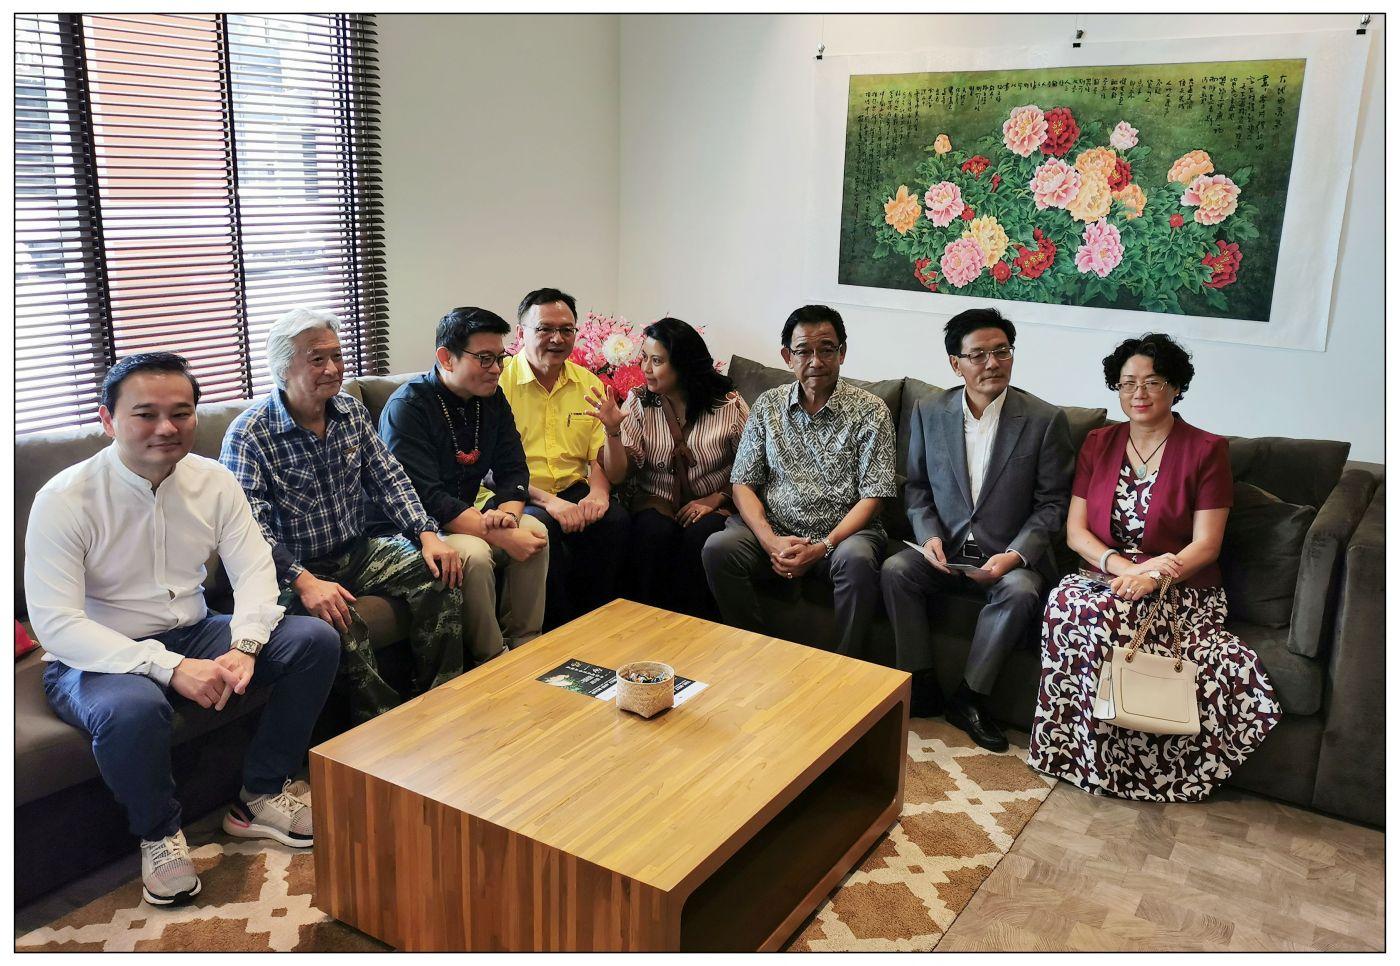 牛志高马来西亚画展掠影2019.10.01_图1-8